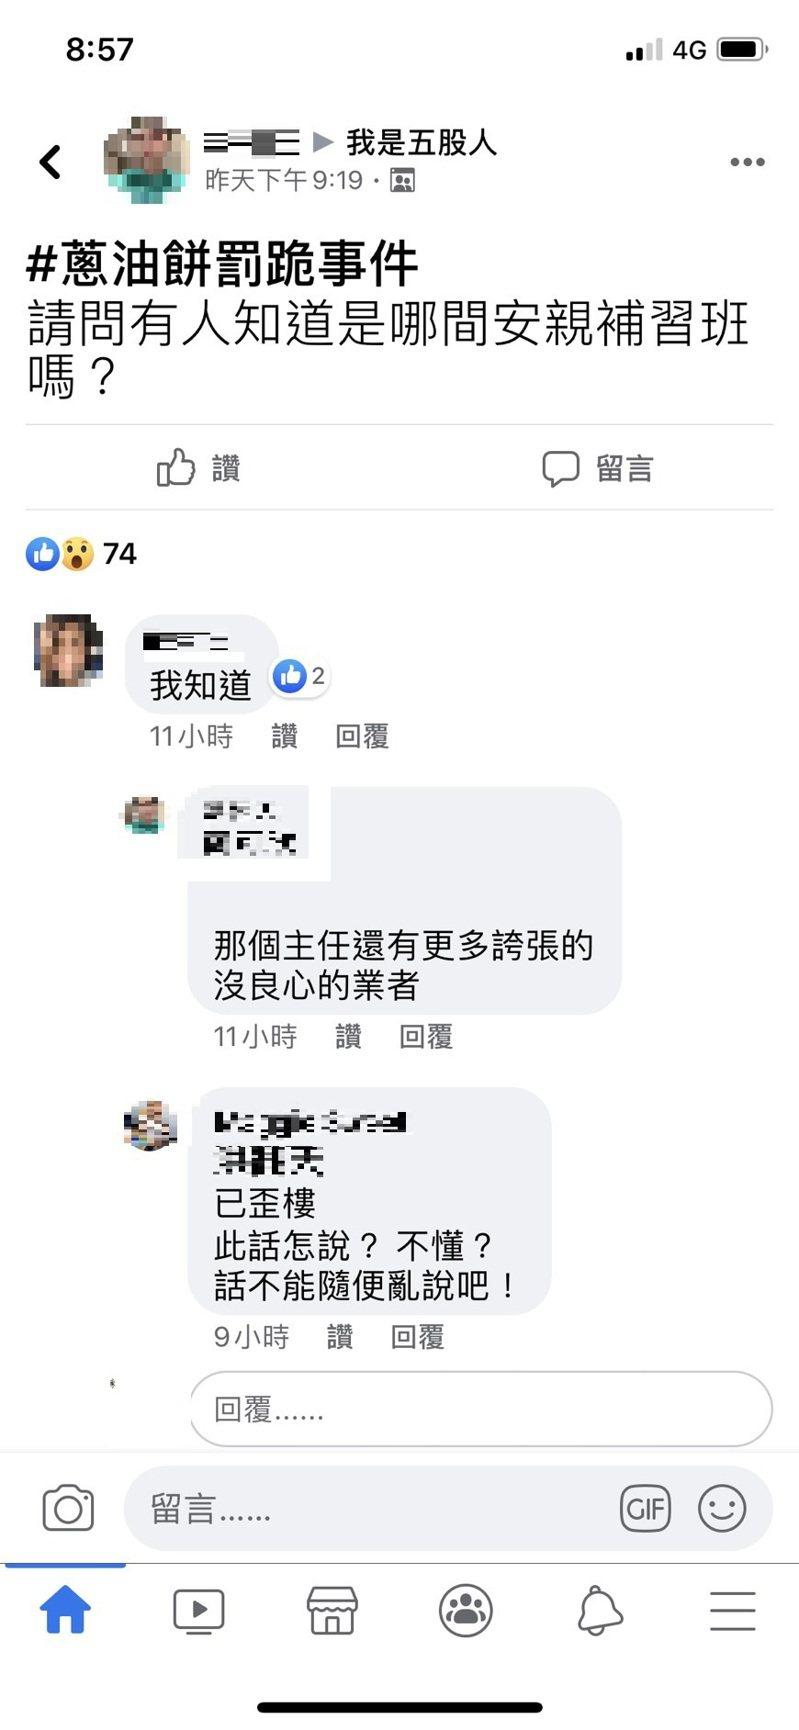 新北市五股區某知名語文補習班遭民眾爆料不當管教。 記者吳亮賢/翻攝